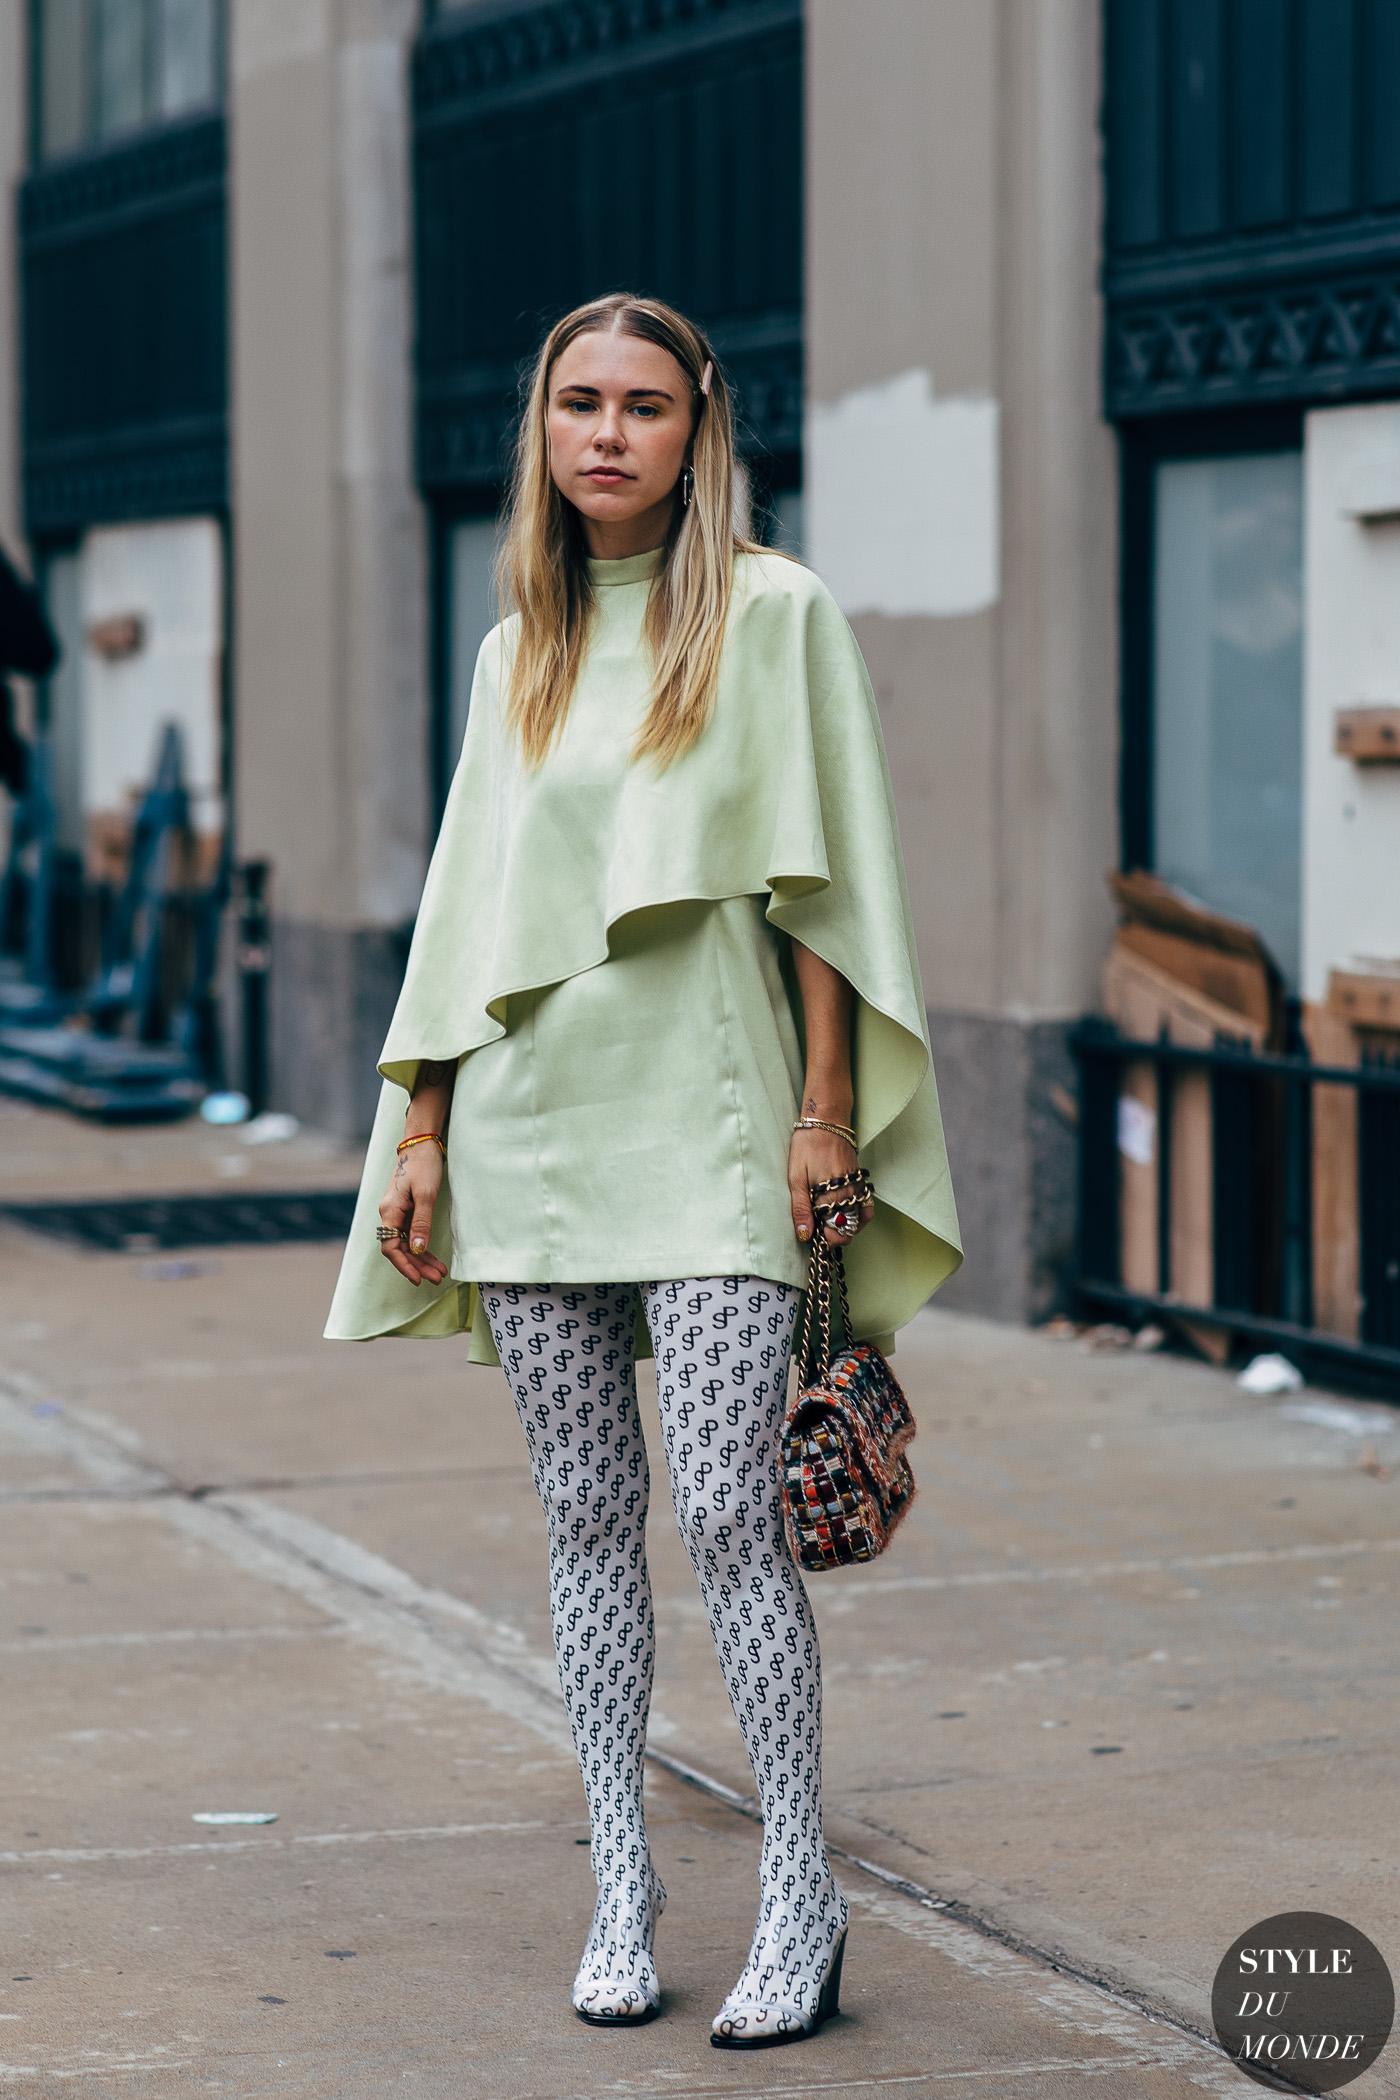 Cô gái phối đồ váy xanh nhạt với tất chân họa tiết